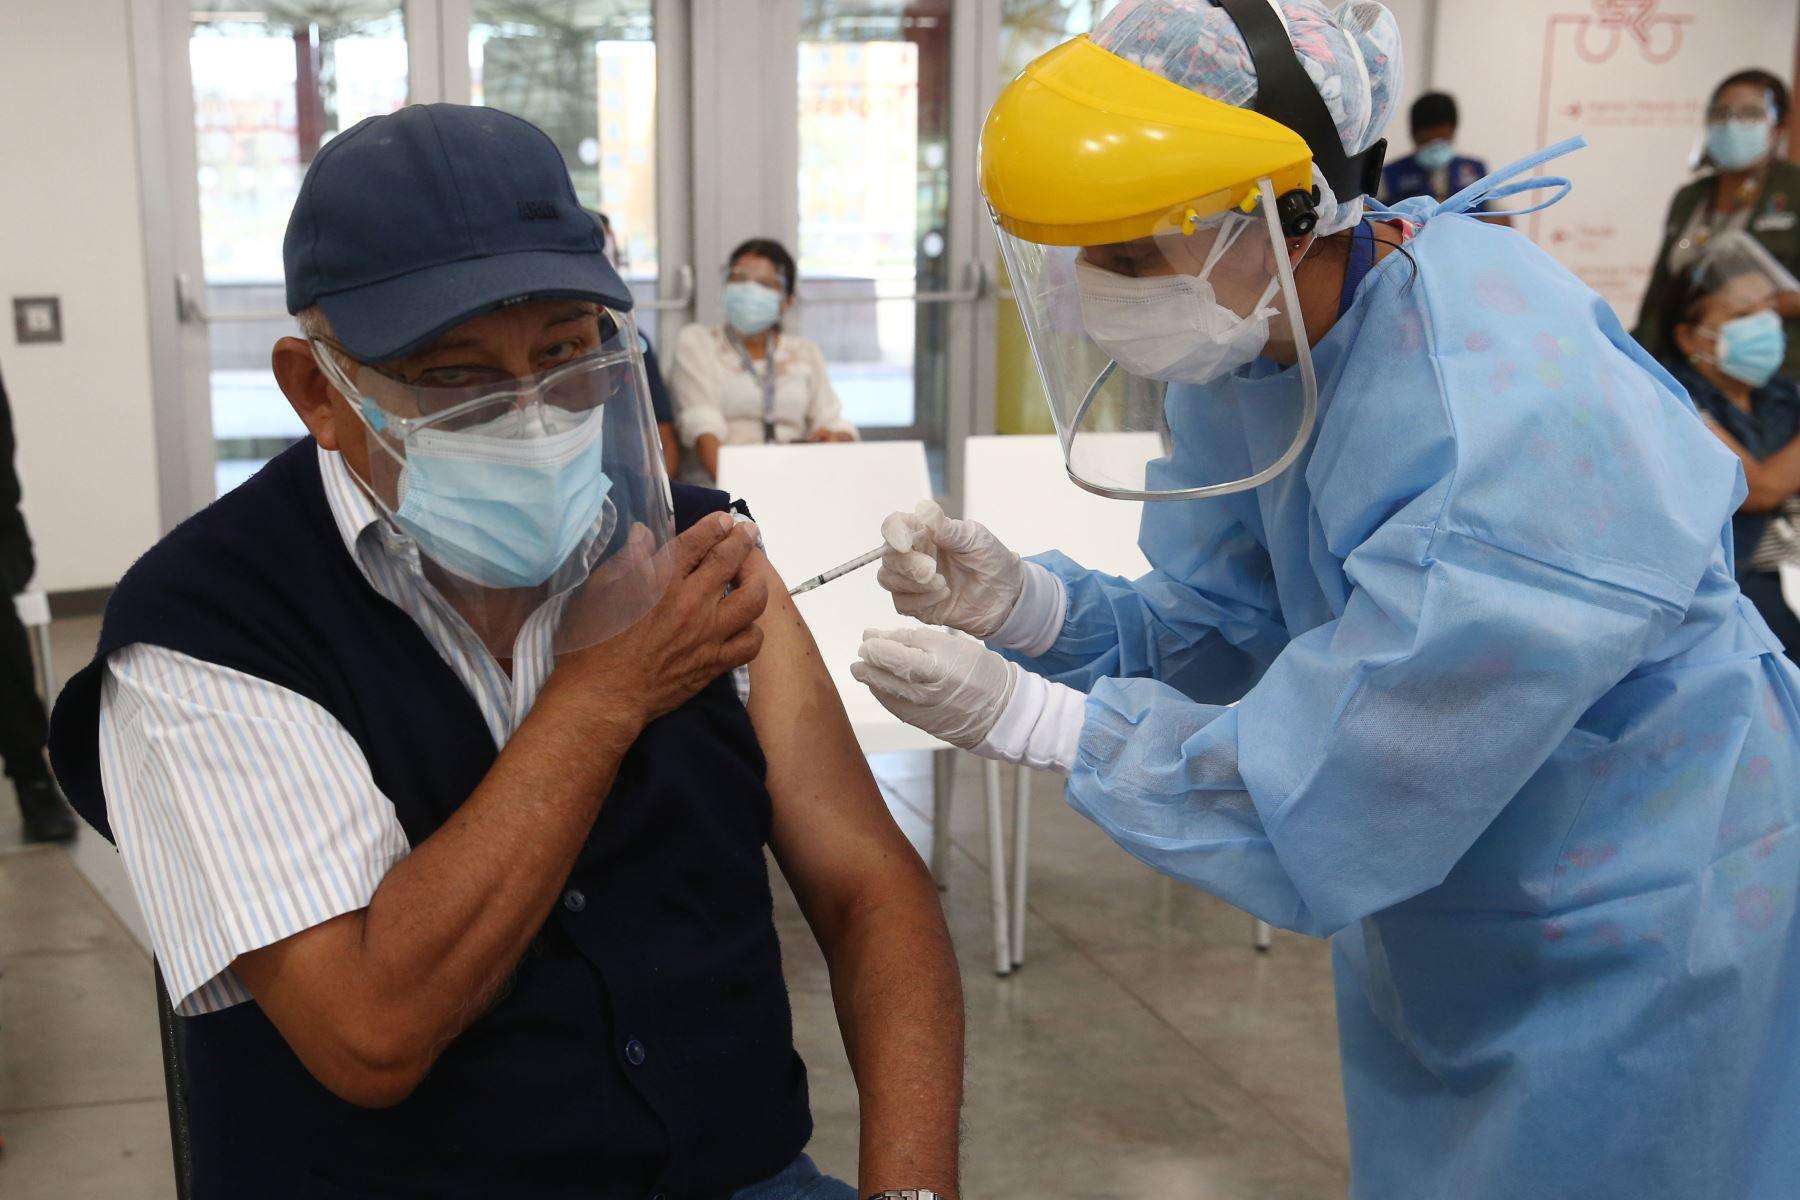 Continúa el proceso de inmunización contra la covid-19 a los adultos mayores de 70 años, que viene desarrollándose en el marco de la estrategia gubernamental de vacunación territorial universal en la Videna de San Luis. Foto: ANDINA/Vidal Tarqui